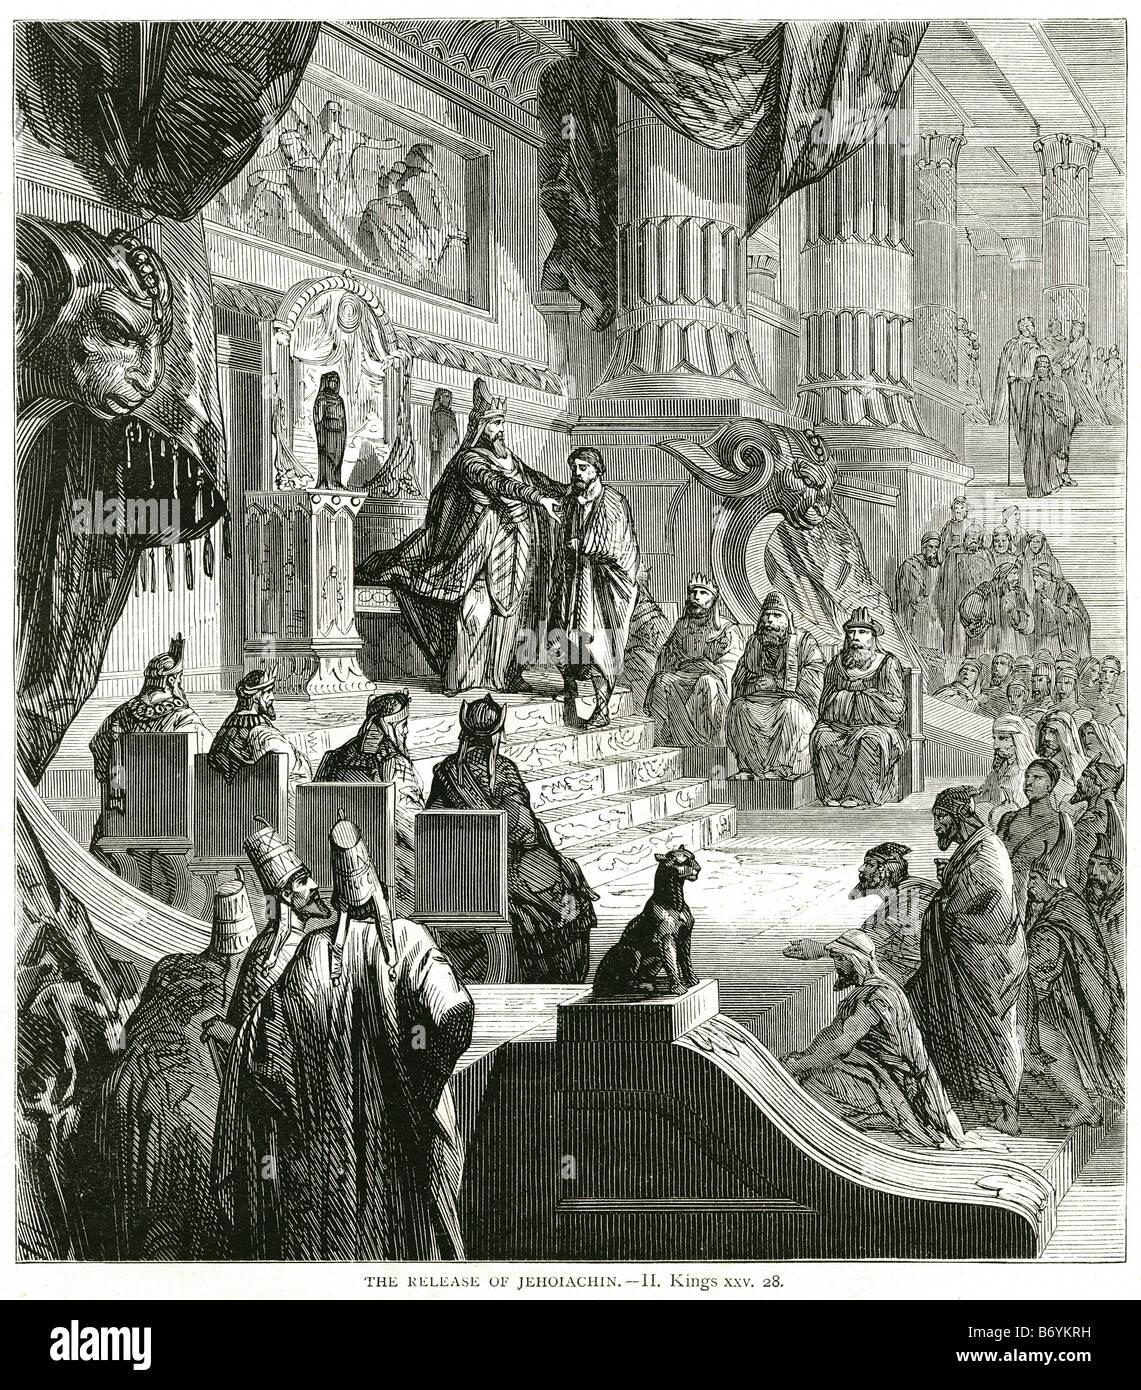 release jehoiachin kingsJeconiah Hebrew יְכָנְיָה  jəxɔnjɔh God will fortify  Jehoiakim with Nehushta royal royalty - Stock Image